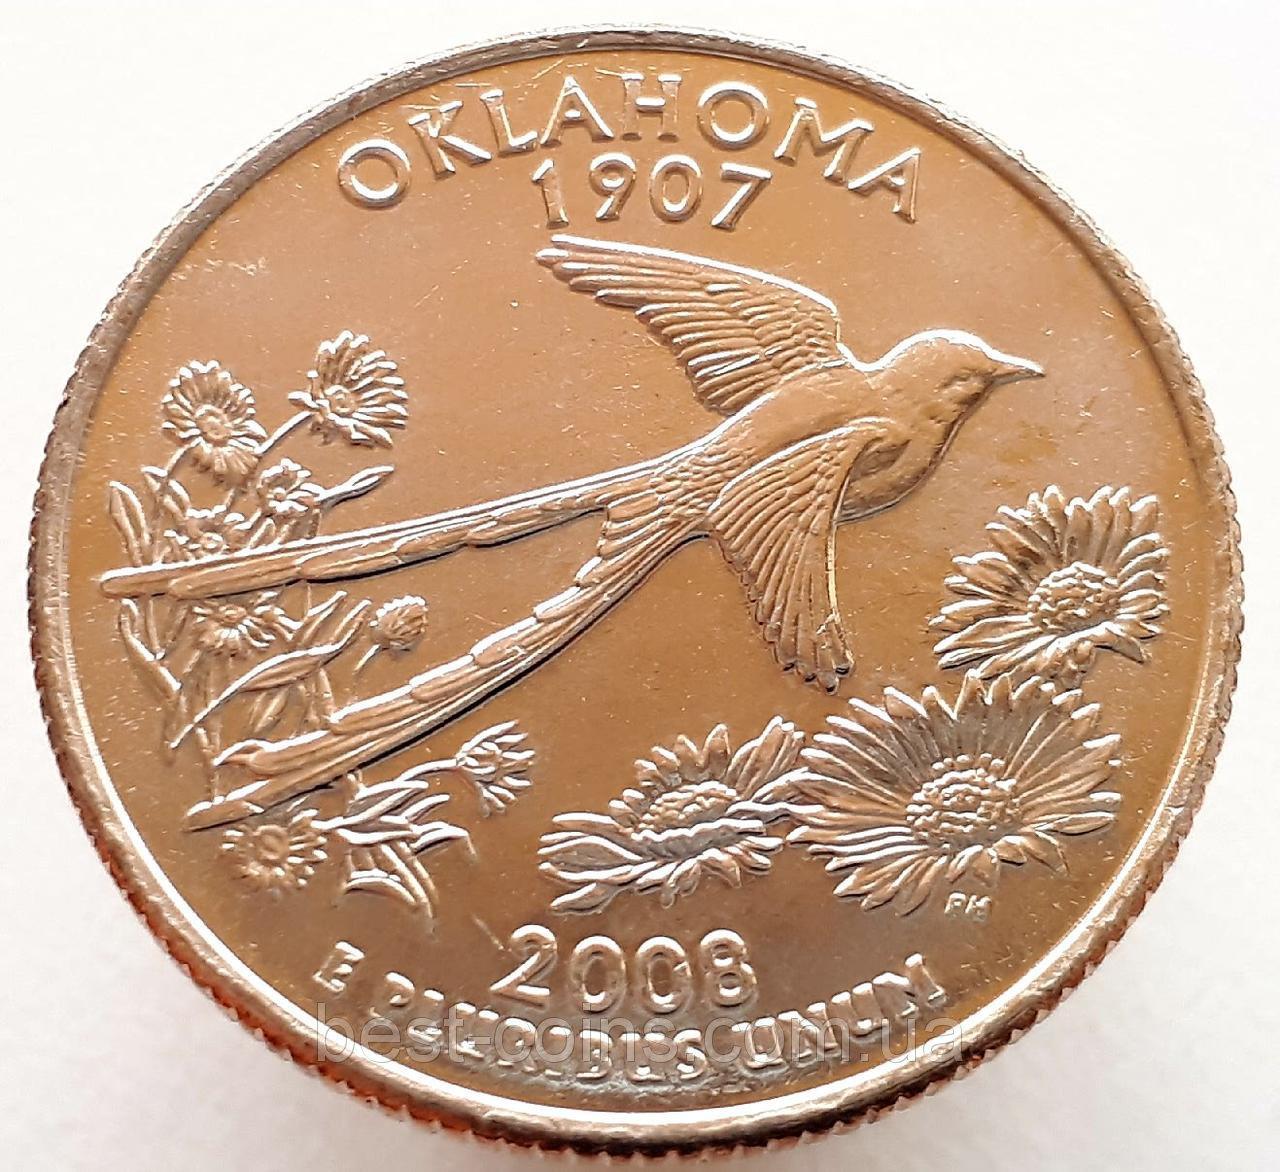 США 25 центов 2008 Оклахома Р